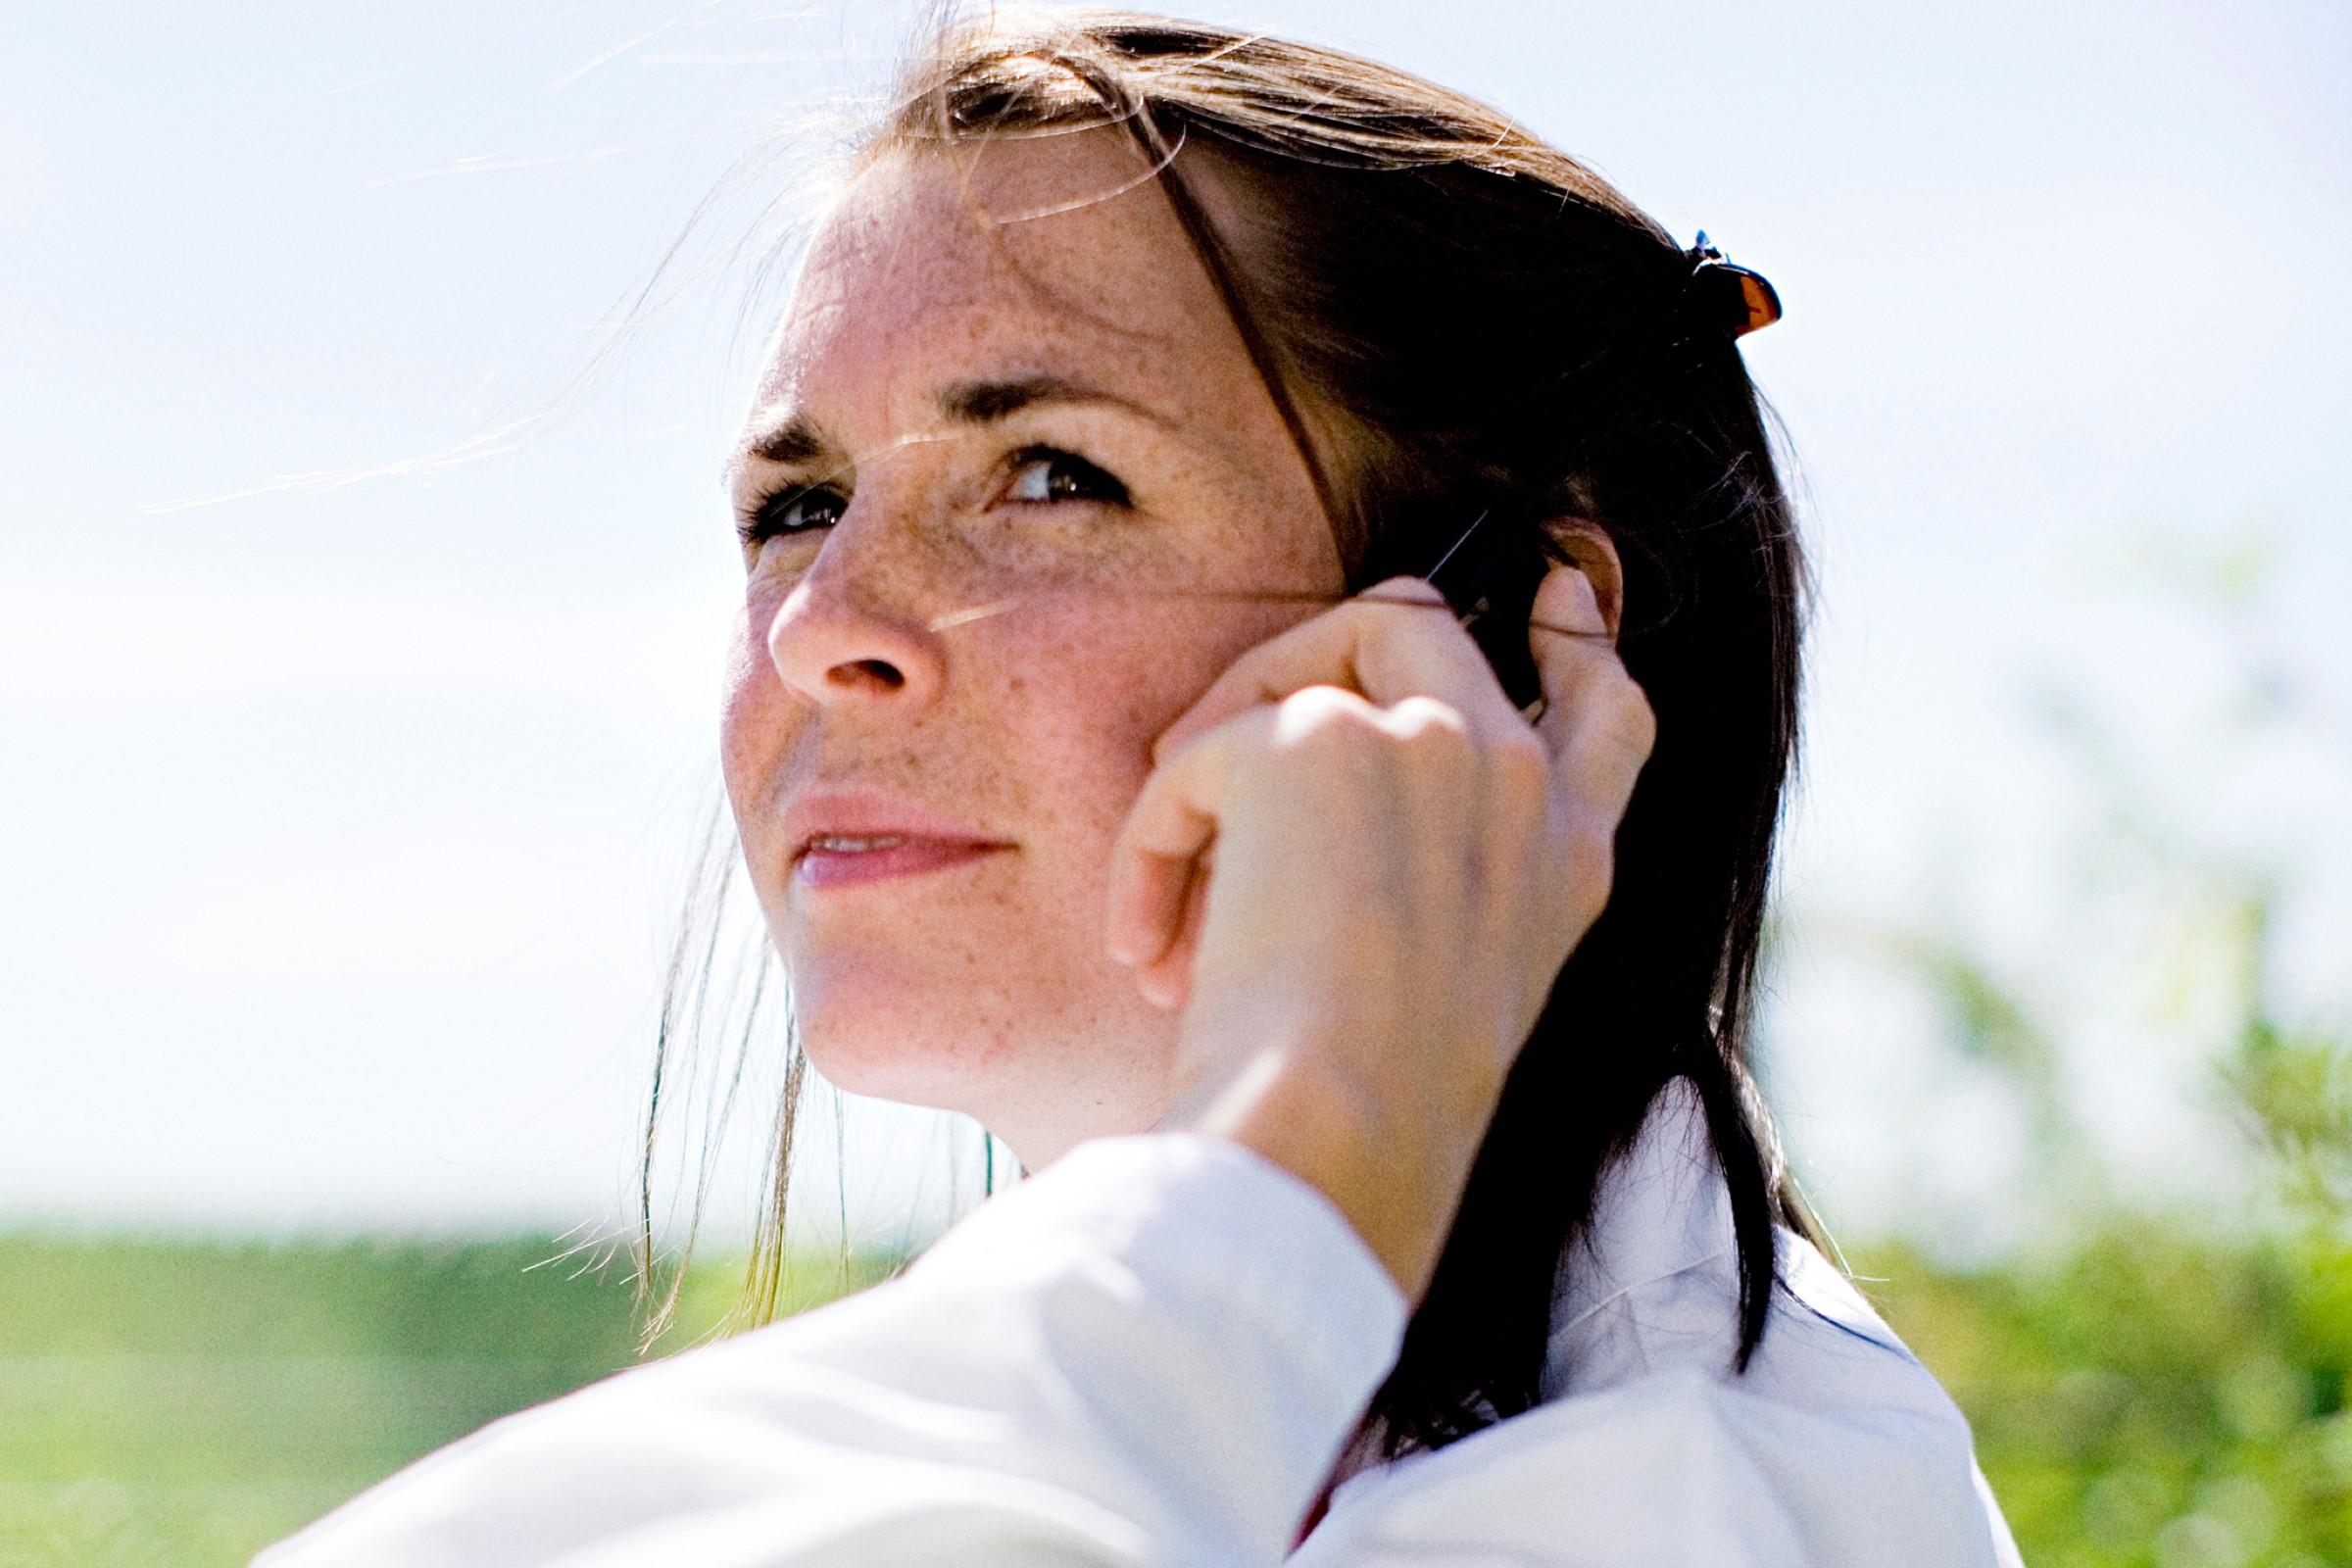 Bilde av en kvinne som snakker på telefon